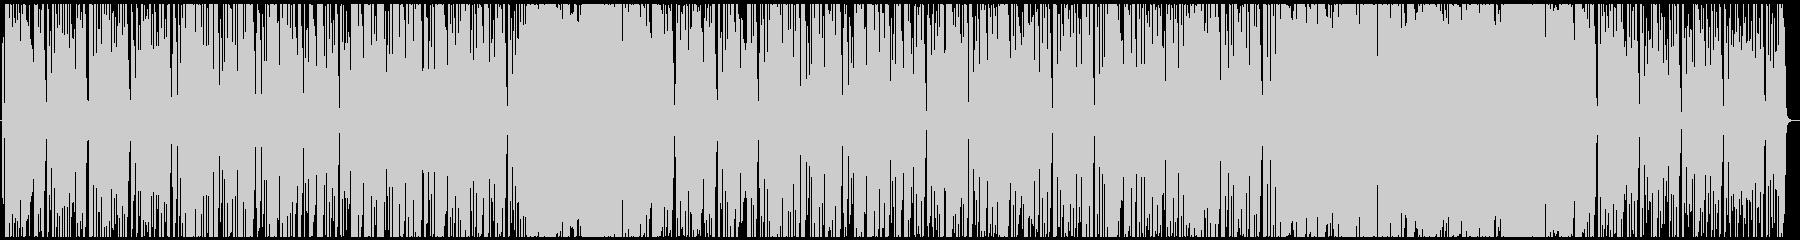 ベースリフの暗すぎないロックの未再生の波形